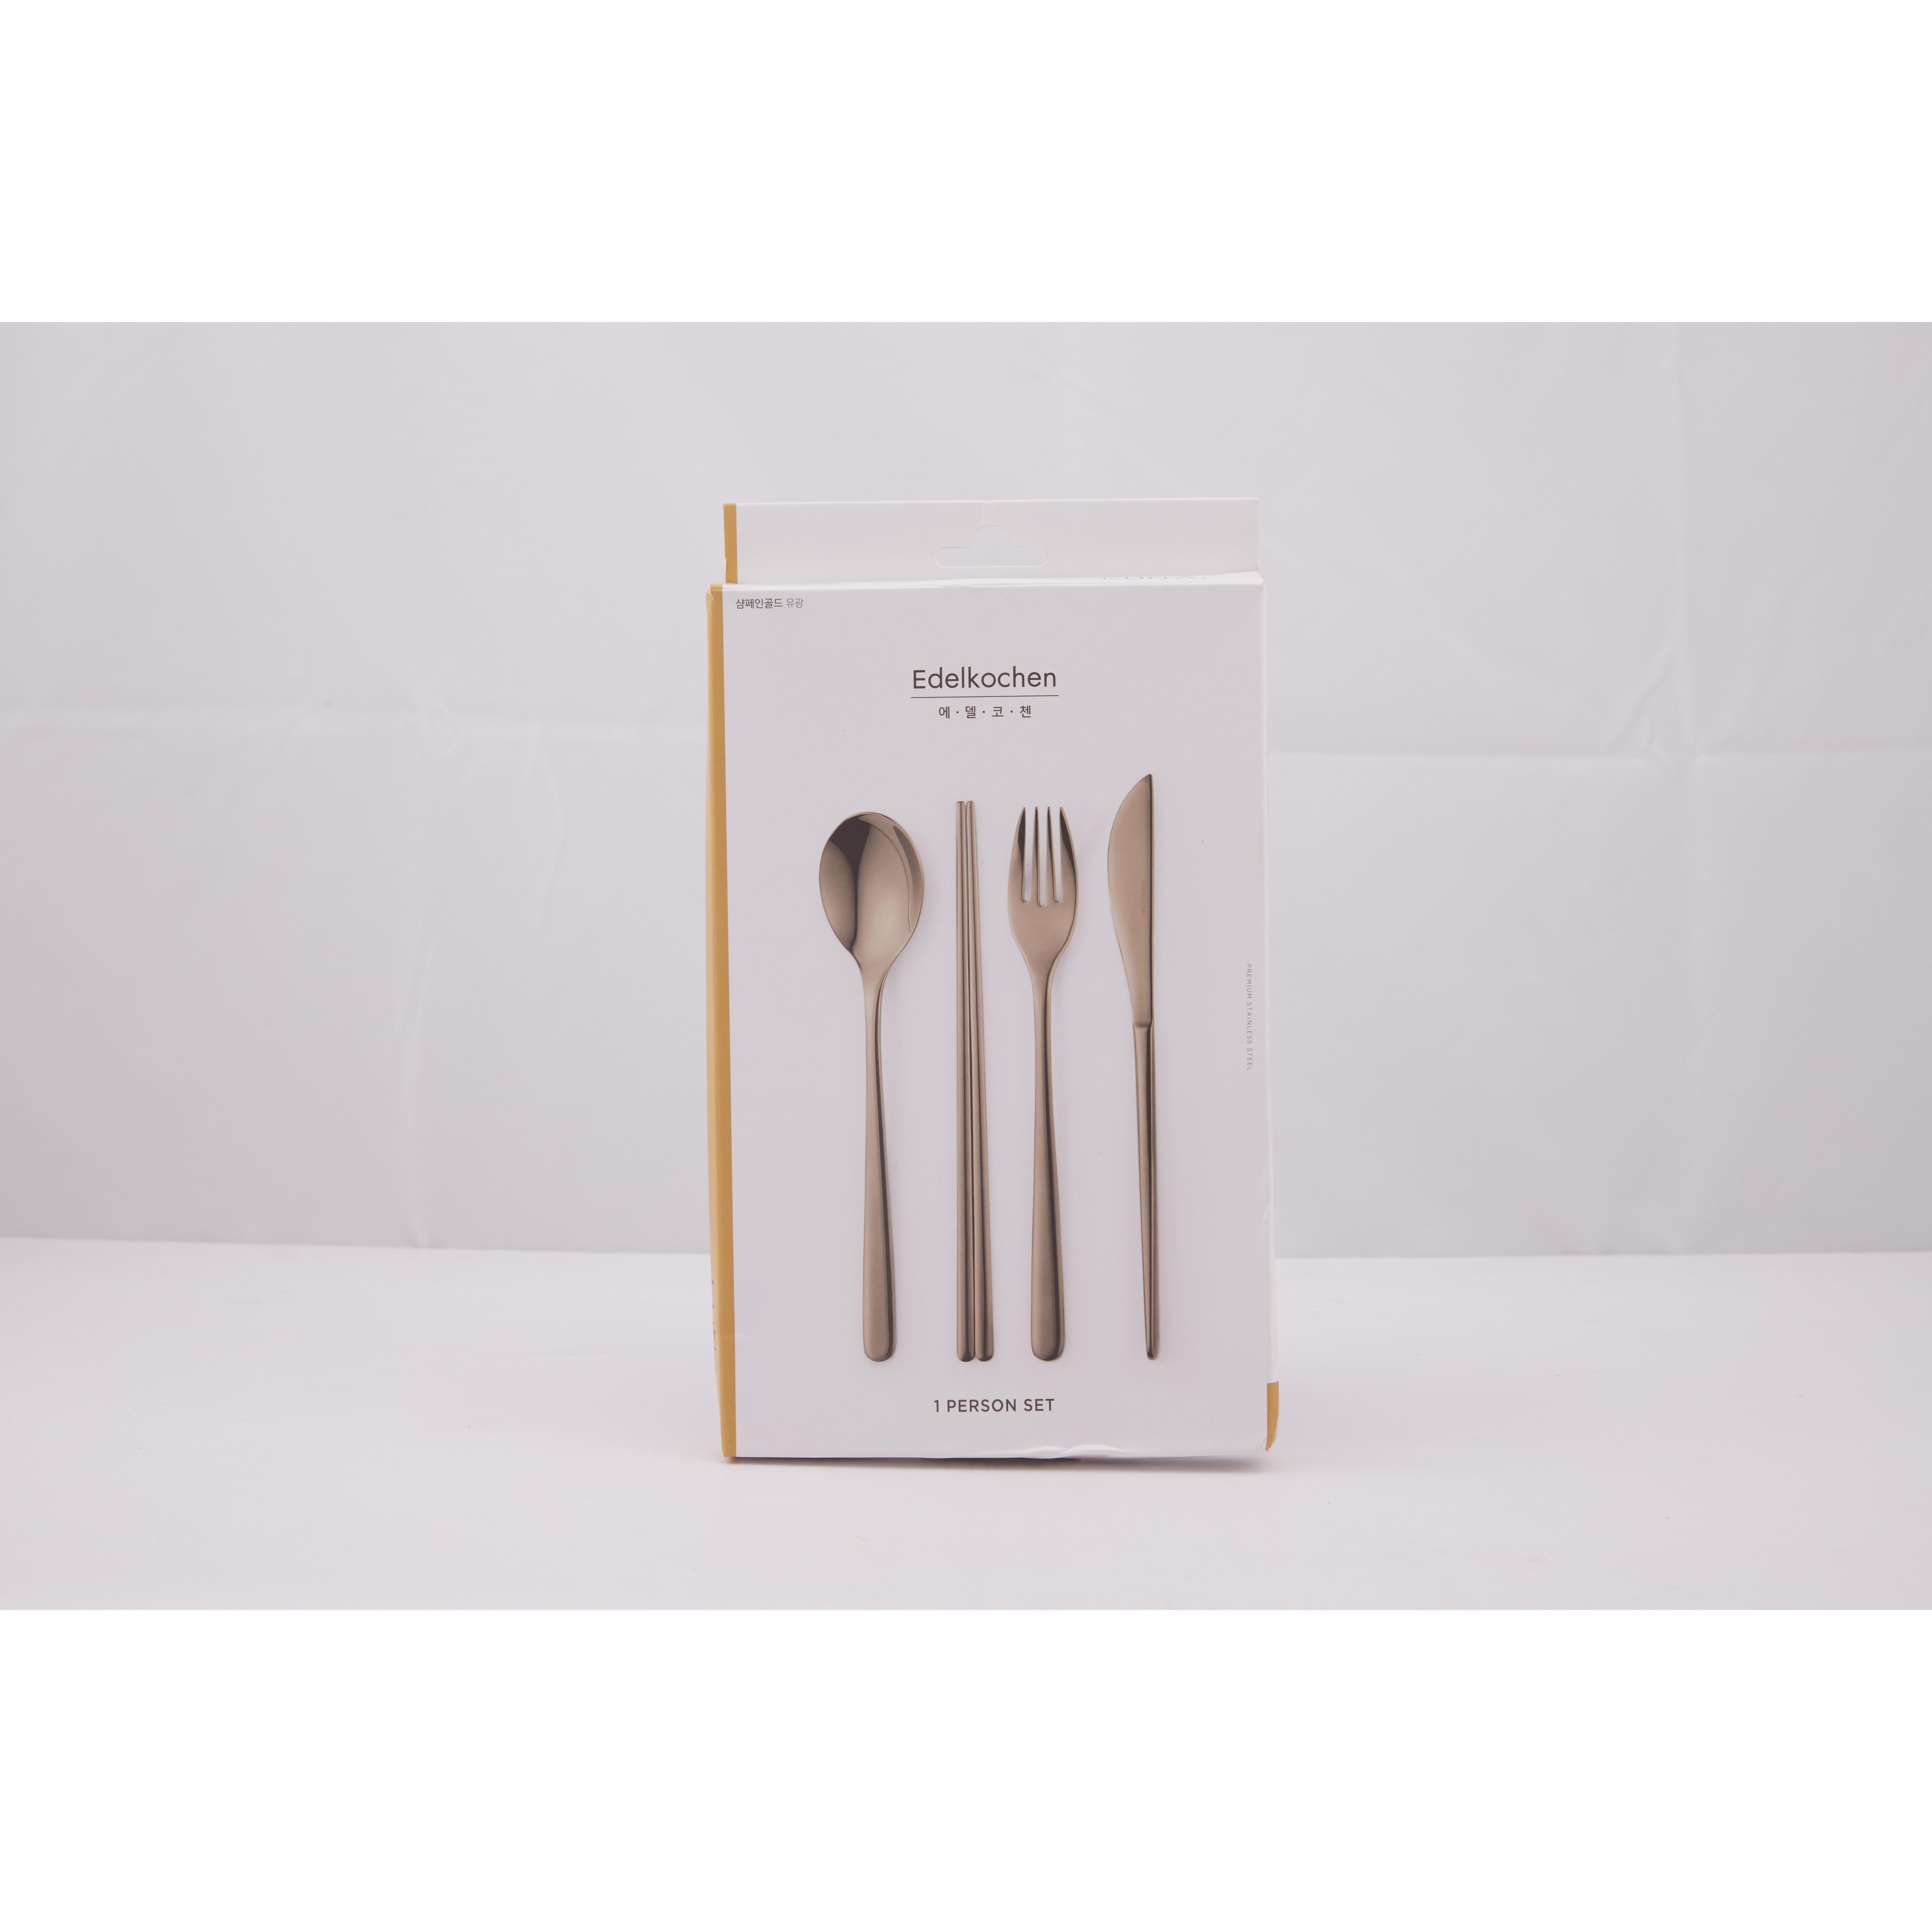 Bộ 4 cái gồm dao, đũa, muỗng, nĩa Edelkochen Inox bóng, màu vàng nhạt